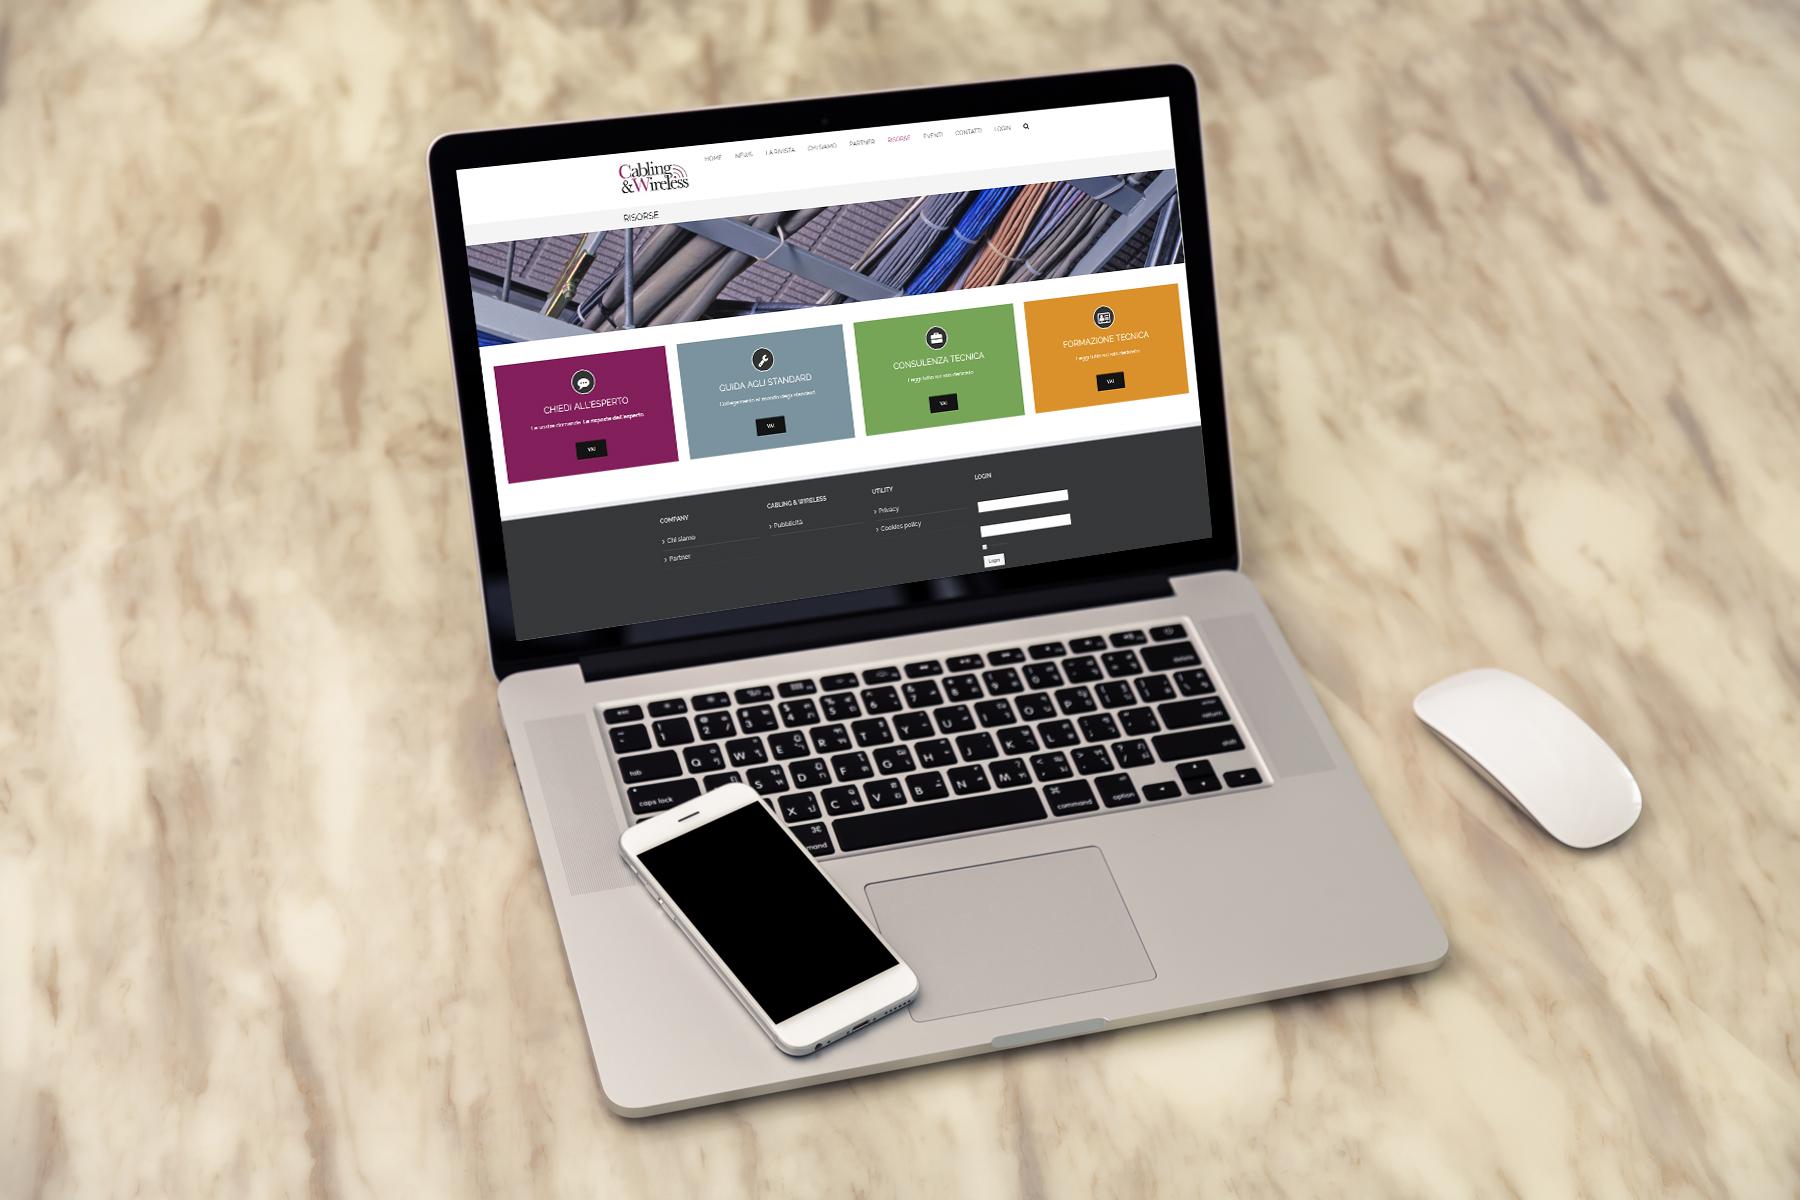 Cabling & Wireless rivista ICT e data center